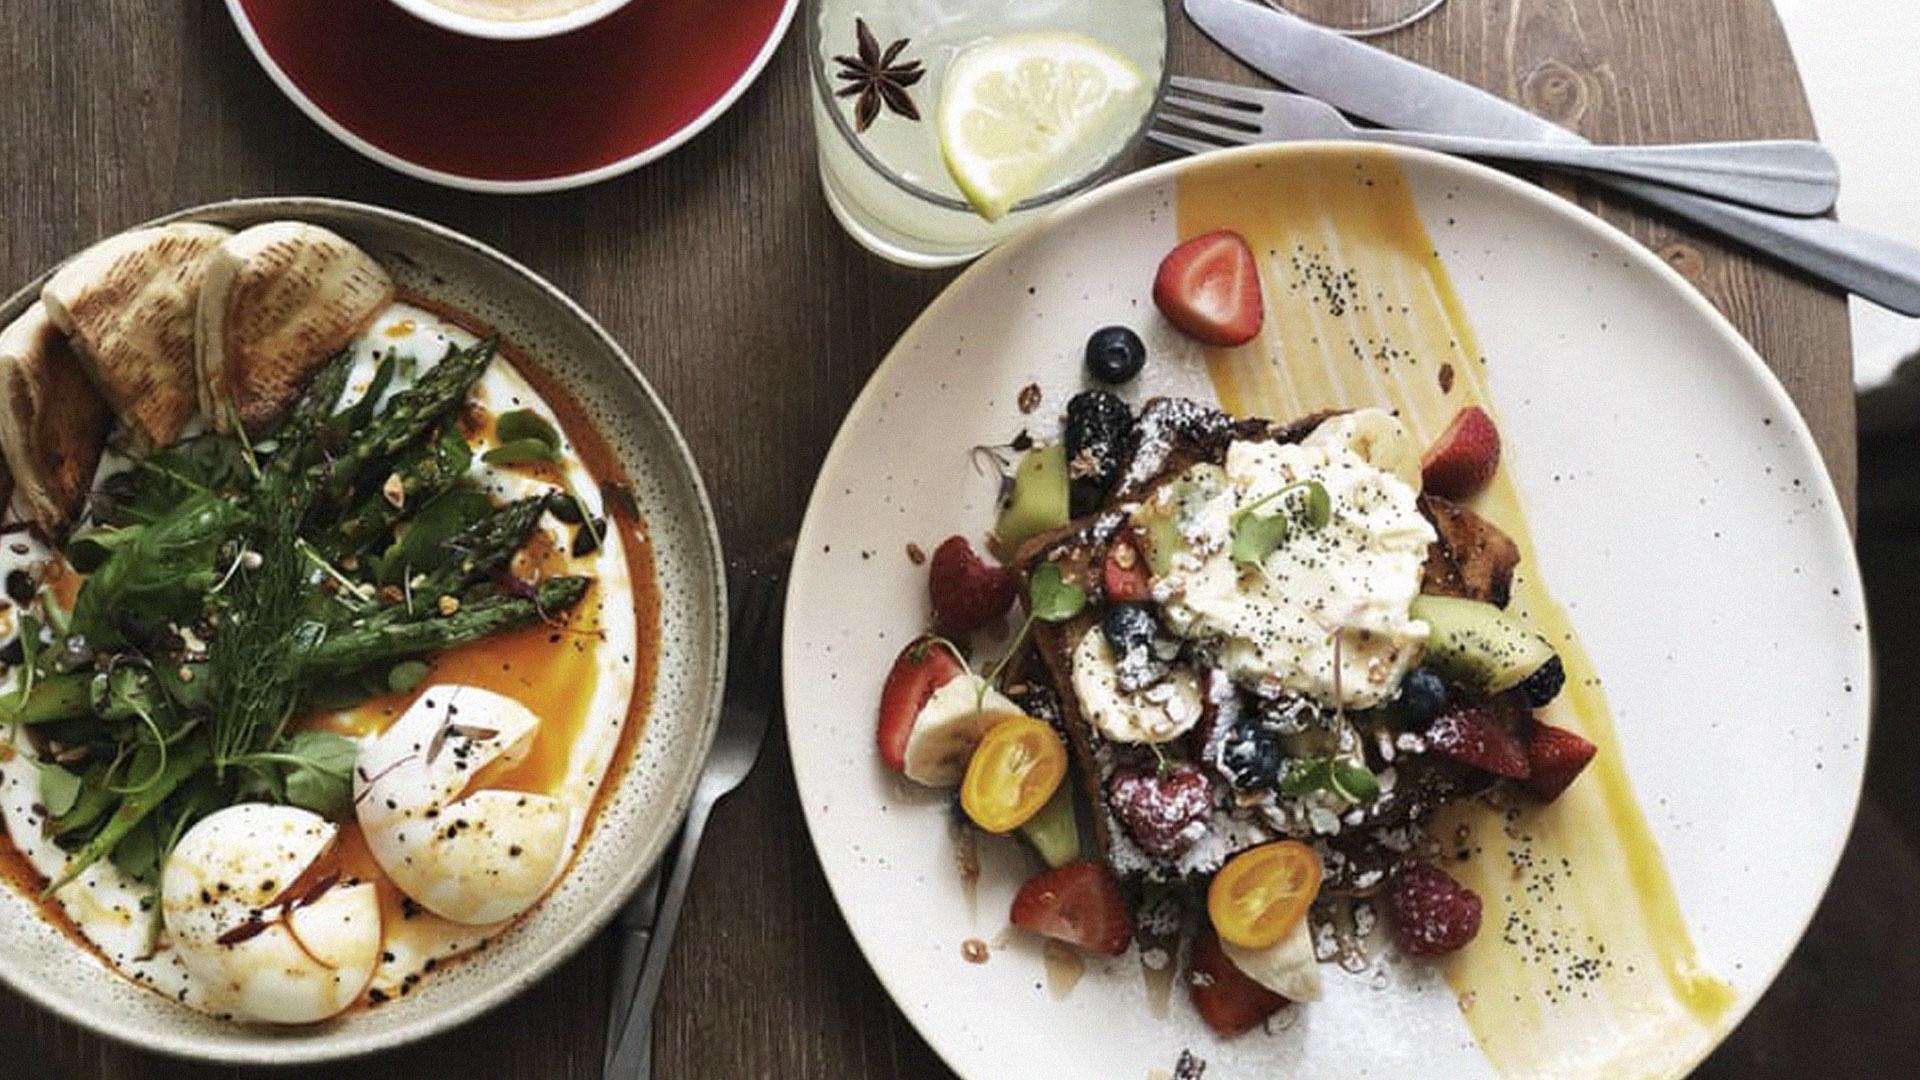 Seagull Method Cafe: já provou este belo brunch em Lisboa?